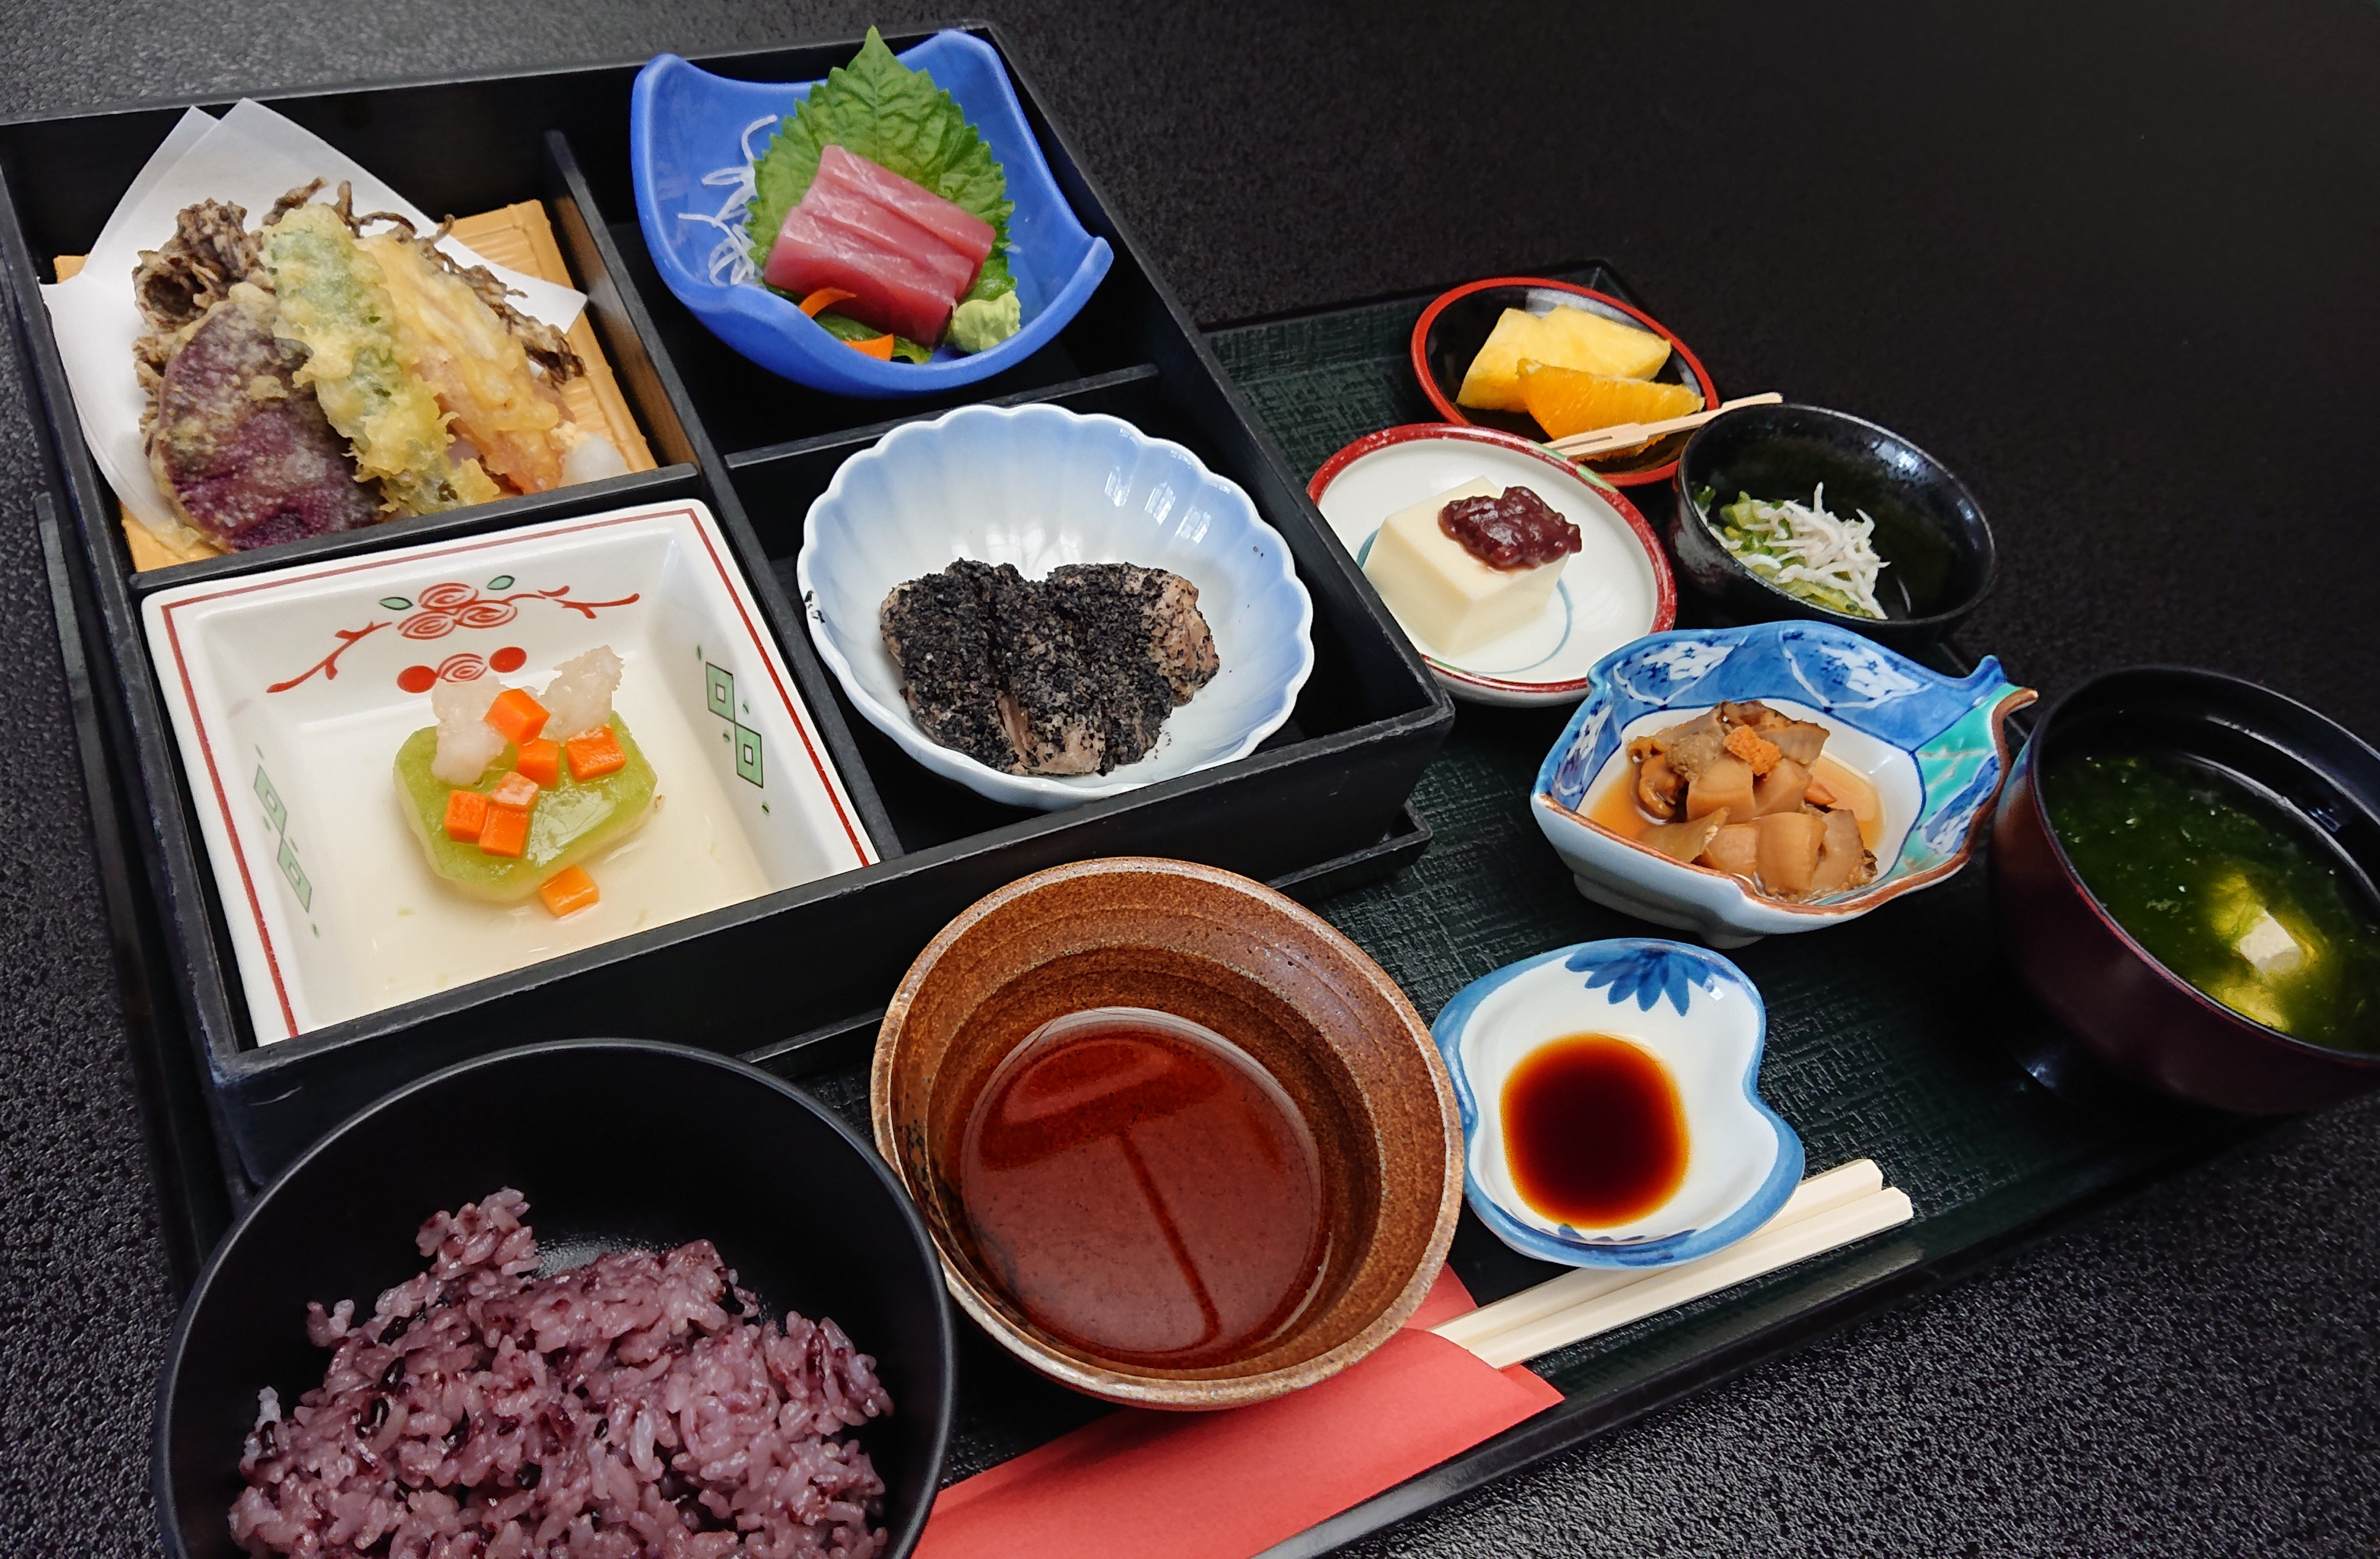 5月ランチ松花堂(お弁当 テイクアウト) 注文の多い料理店